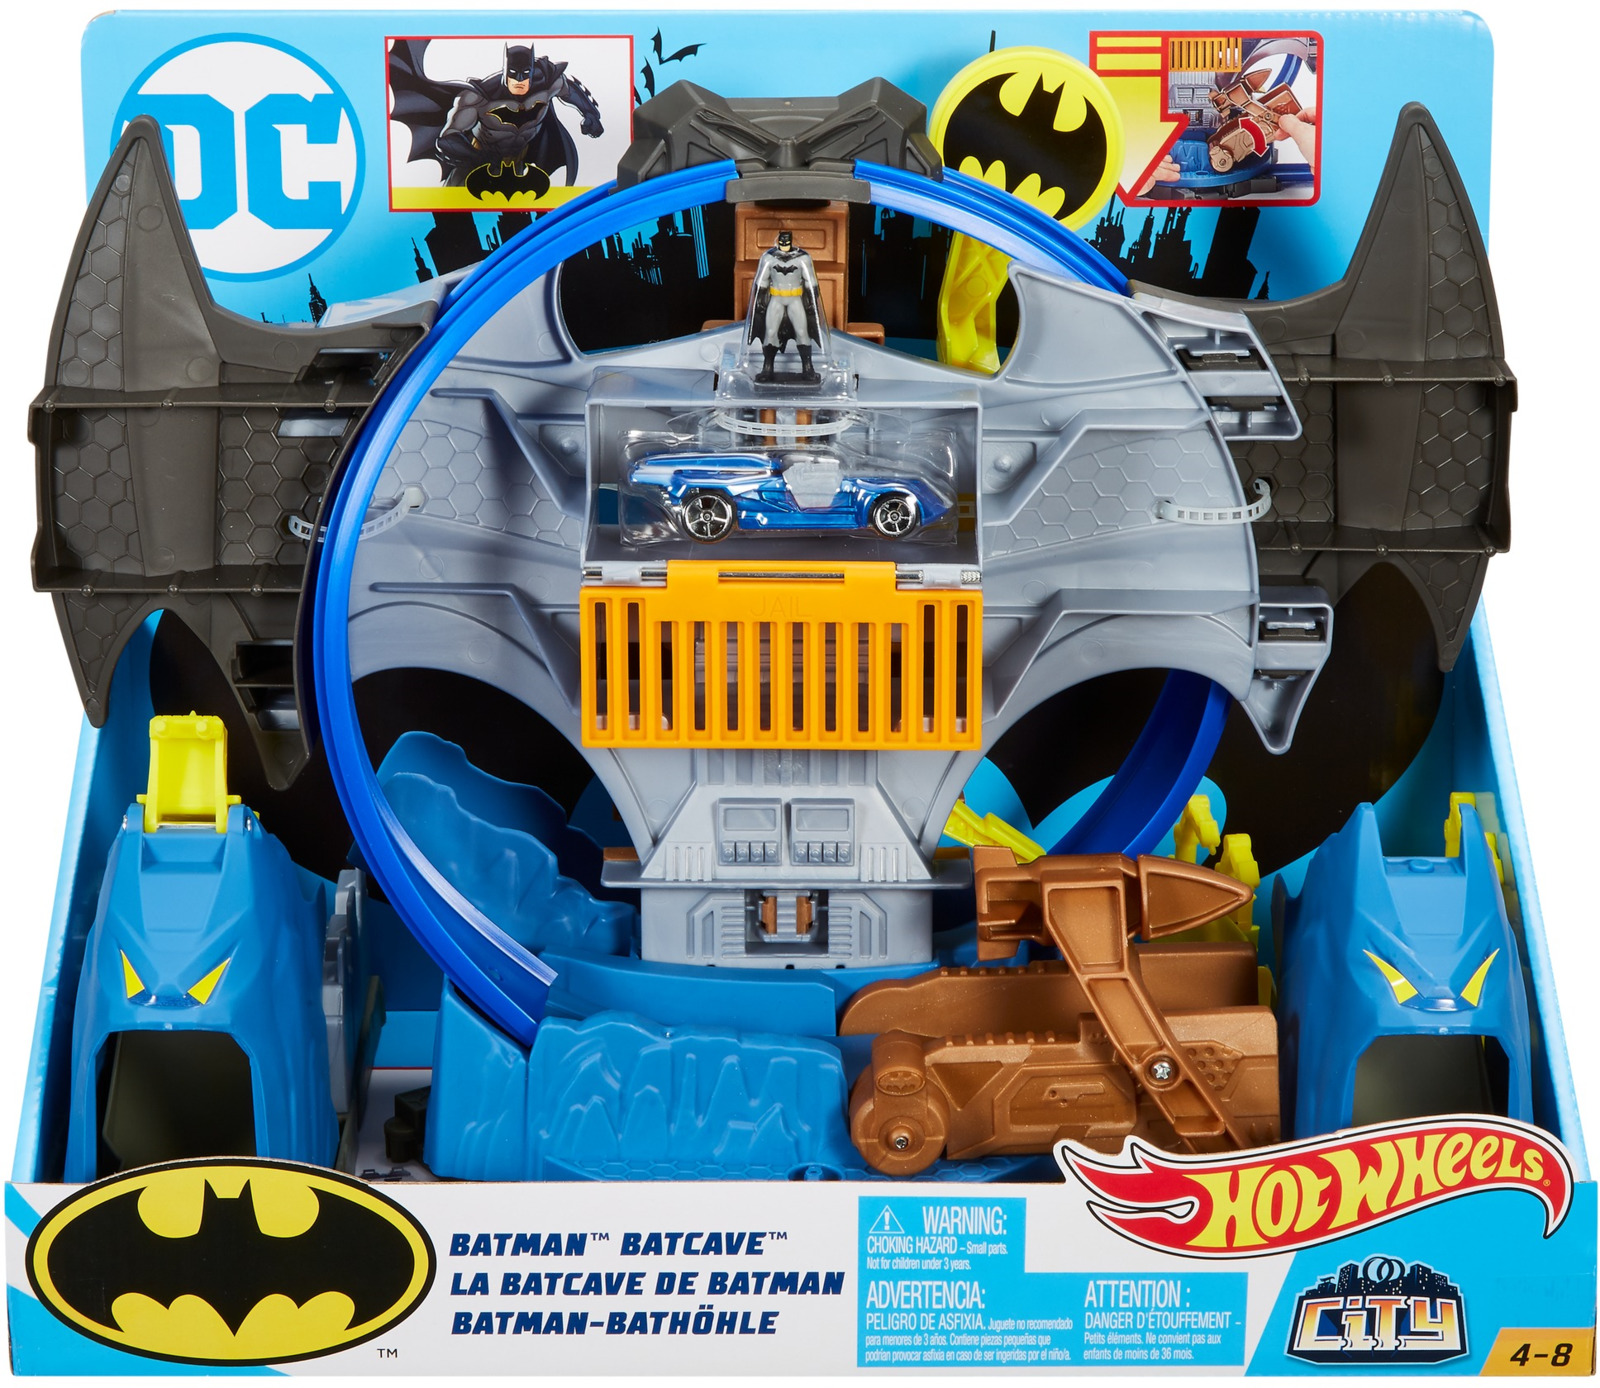 Купить Mattel Hot Wheels GBW55 Хот Вилс Готэм Сити Бэткейв, Машинки-трансформеры